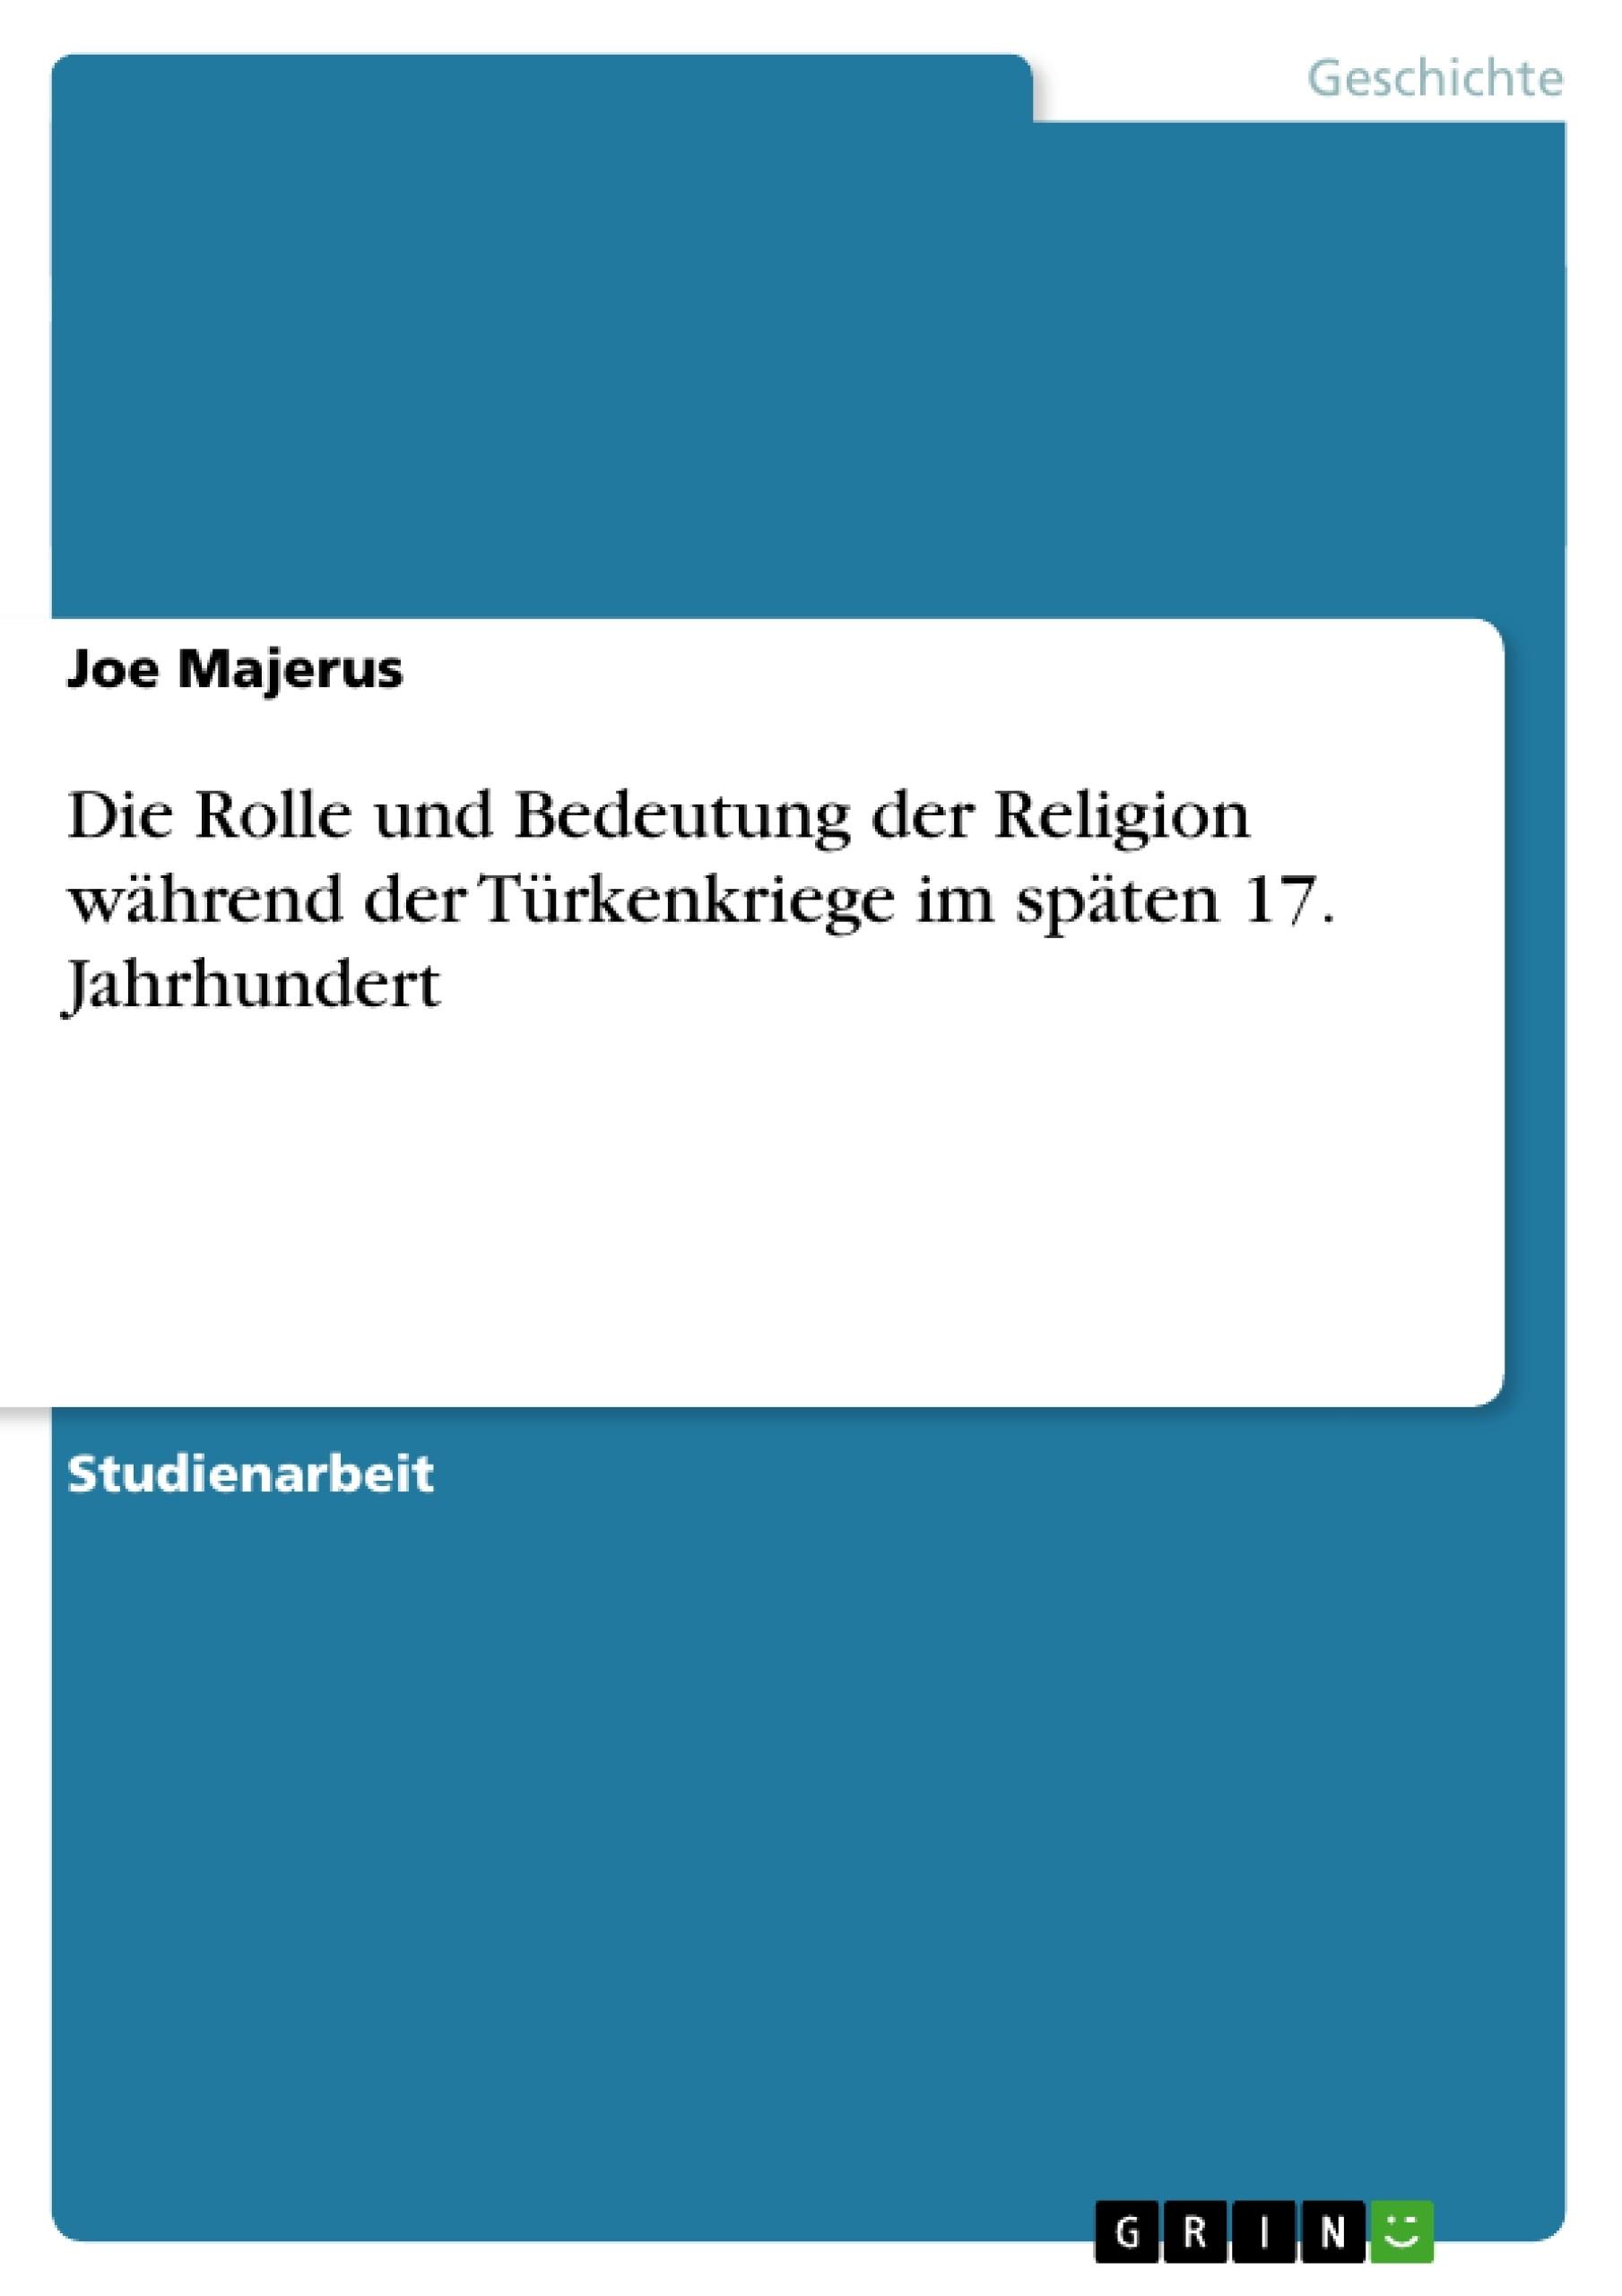 Titel: Die Rolle und Bedeutung der Religion während der Türkenkriege im späten 17. Jahrhundert